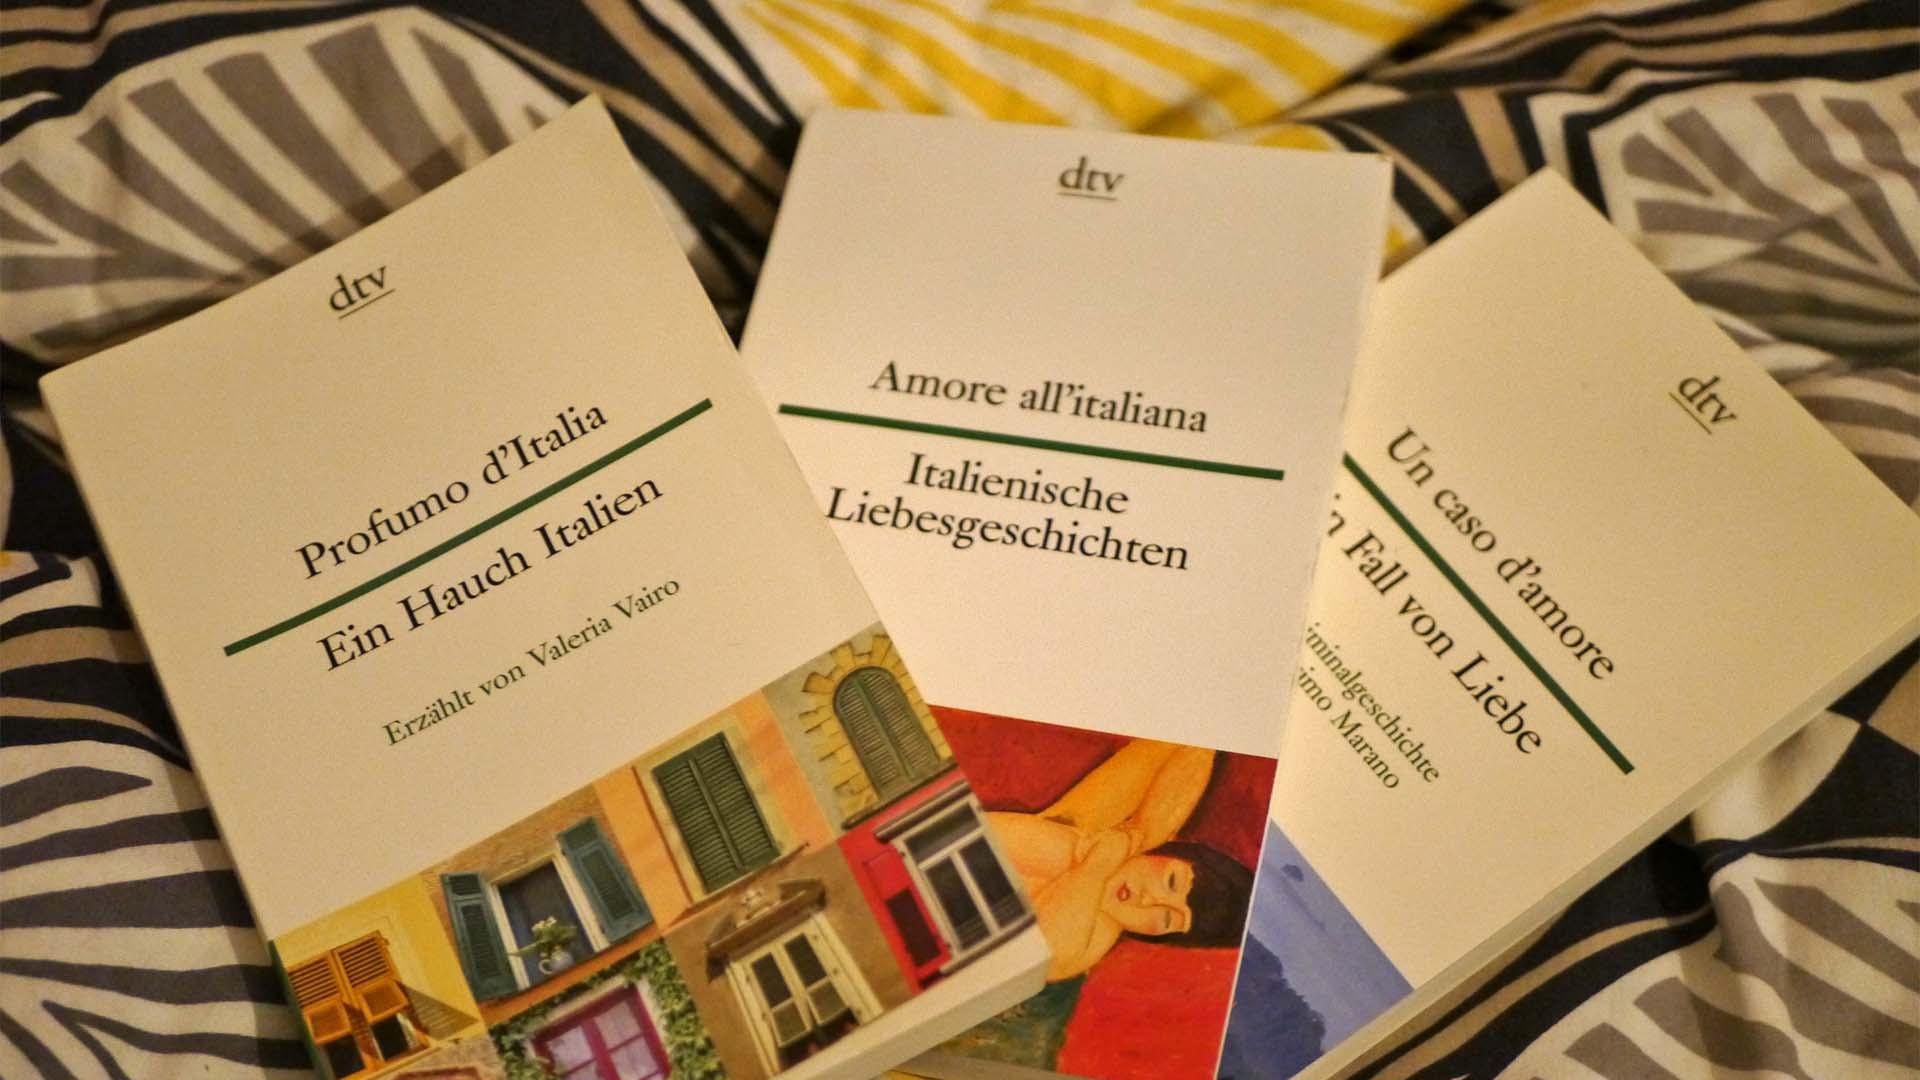 Buchreihe zum Auffrischen bereits vorhandener Sprachkenntnisse